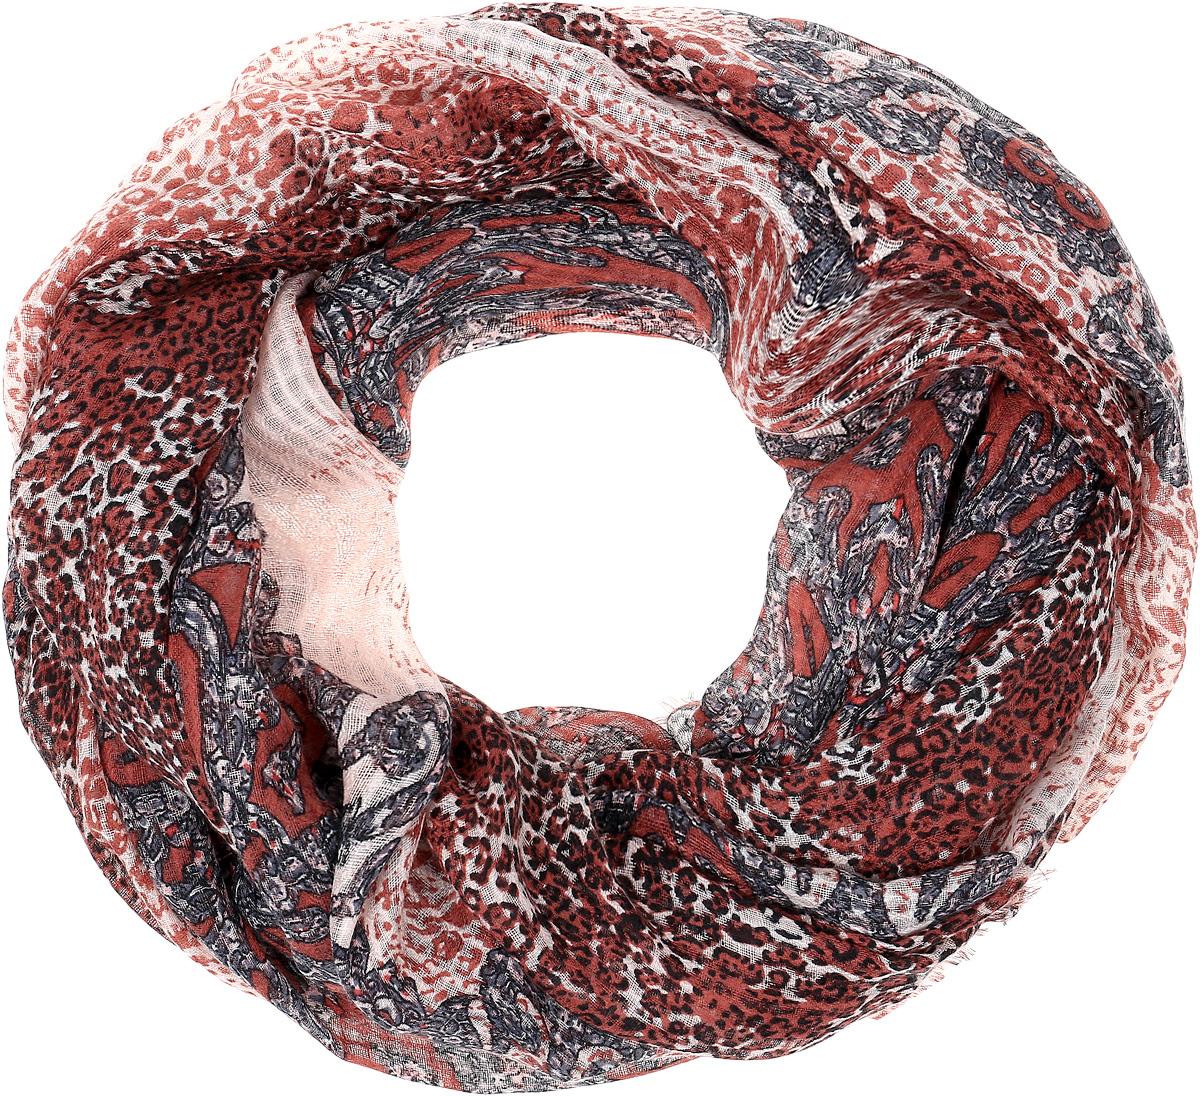 Палантин Sophie Ramage, цвет: красно-коричневый. YY-21652-10. Размер 80 см х 180 смYY-21652-10Элегантный палантин Sophie Ramage станет достойным завершением вашего образа. Палантин изготовлен из модала с добавлением шерсти. Оформлена модель контрастным принтом в виде узоров и по краям дополнена бахромой.Палантин красиво драпируется, он превосходно дополнит любой наряд и подчеркнет ваш изысканный вкус. Легкий и изящный палантин привнесет в ваш образ утонченность и шарм.